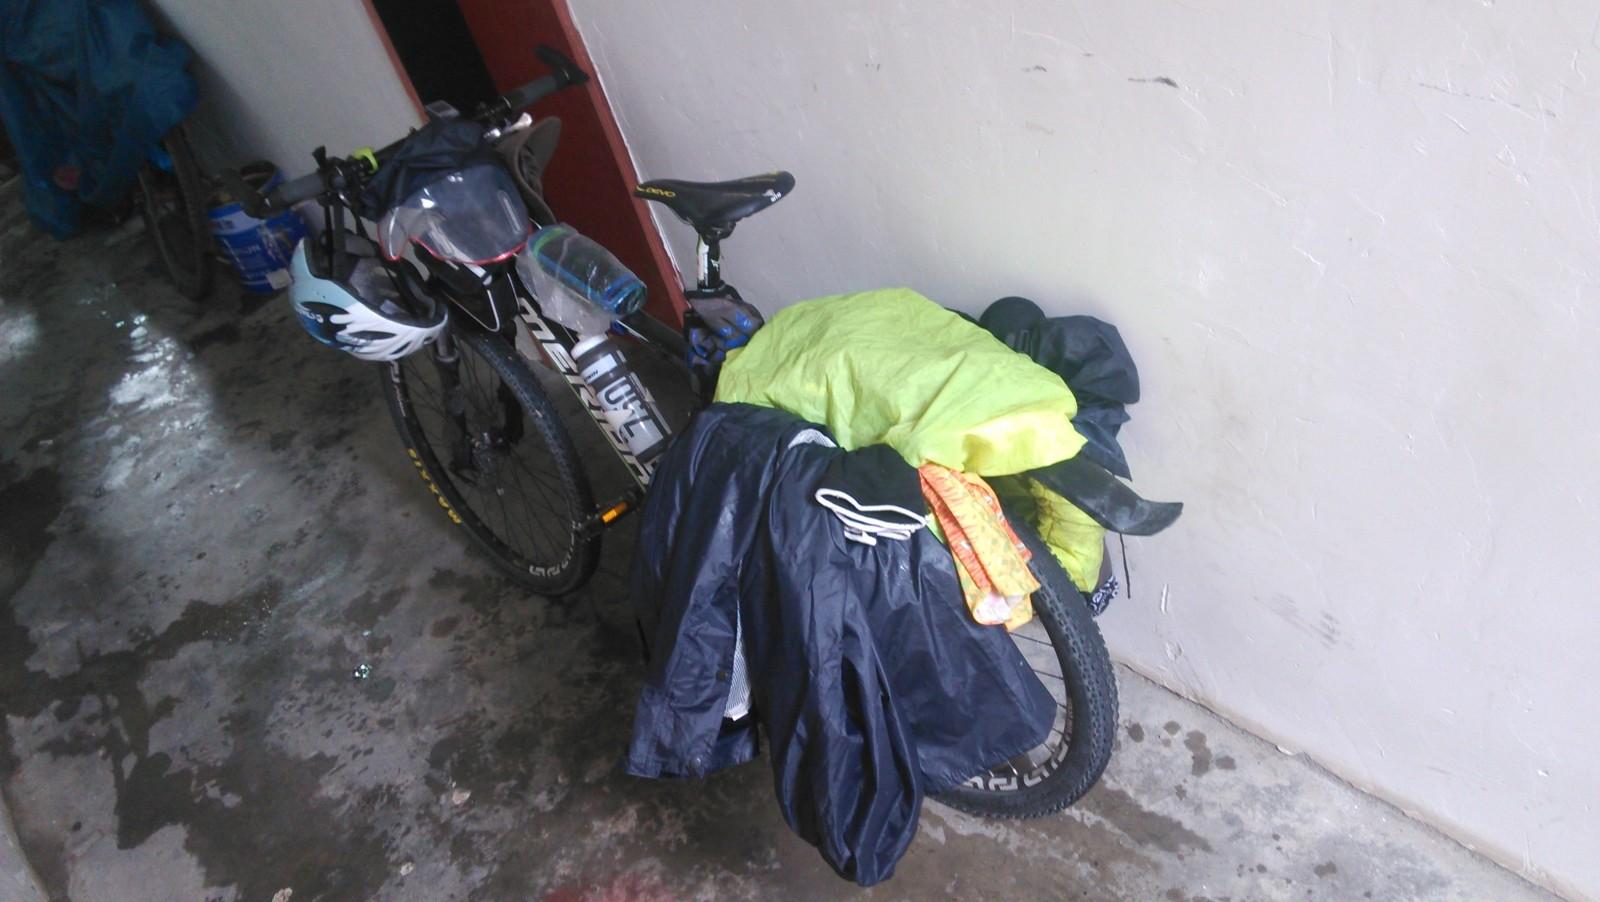 衣物都弄出来吹一吹吧,虽然可能没什么效果,整个陀包都湿了,变重了好多-_-||